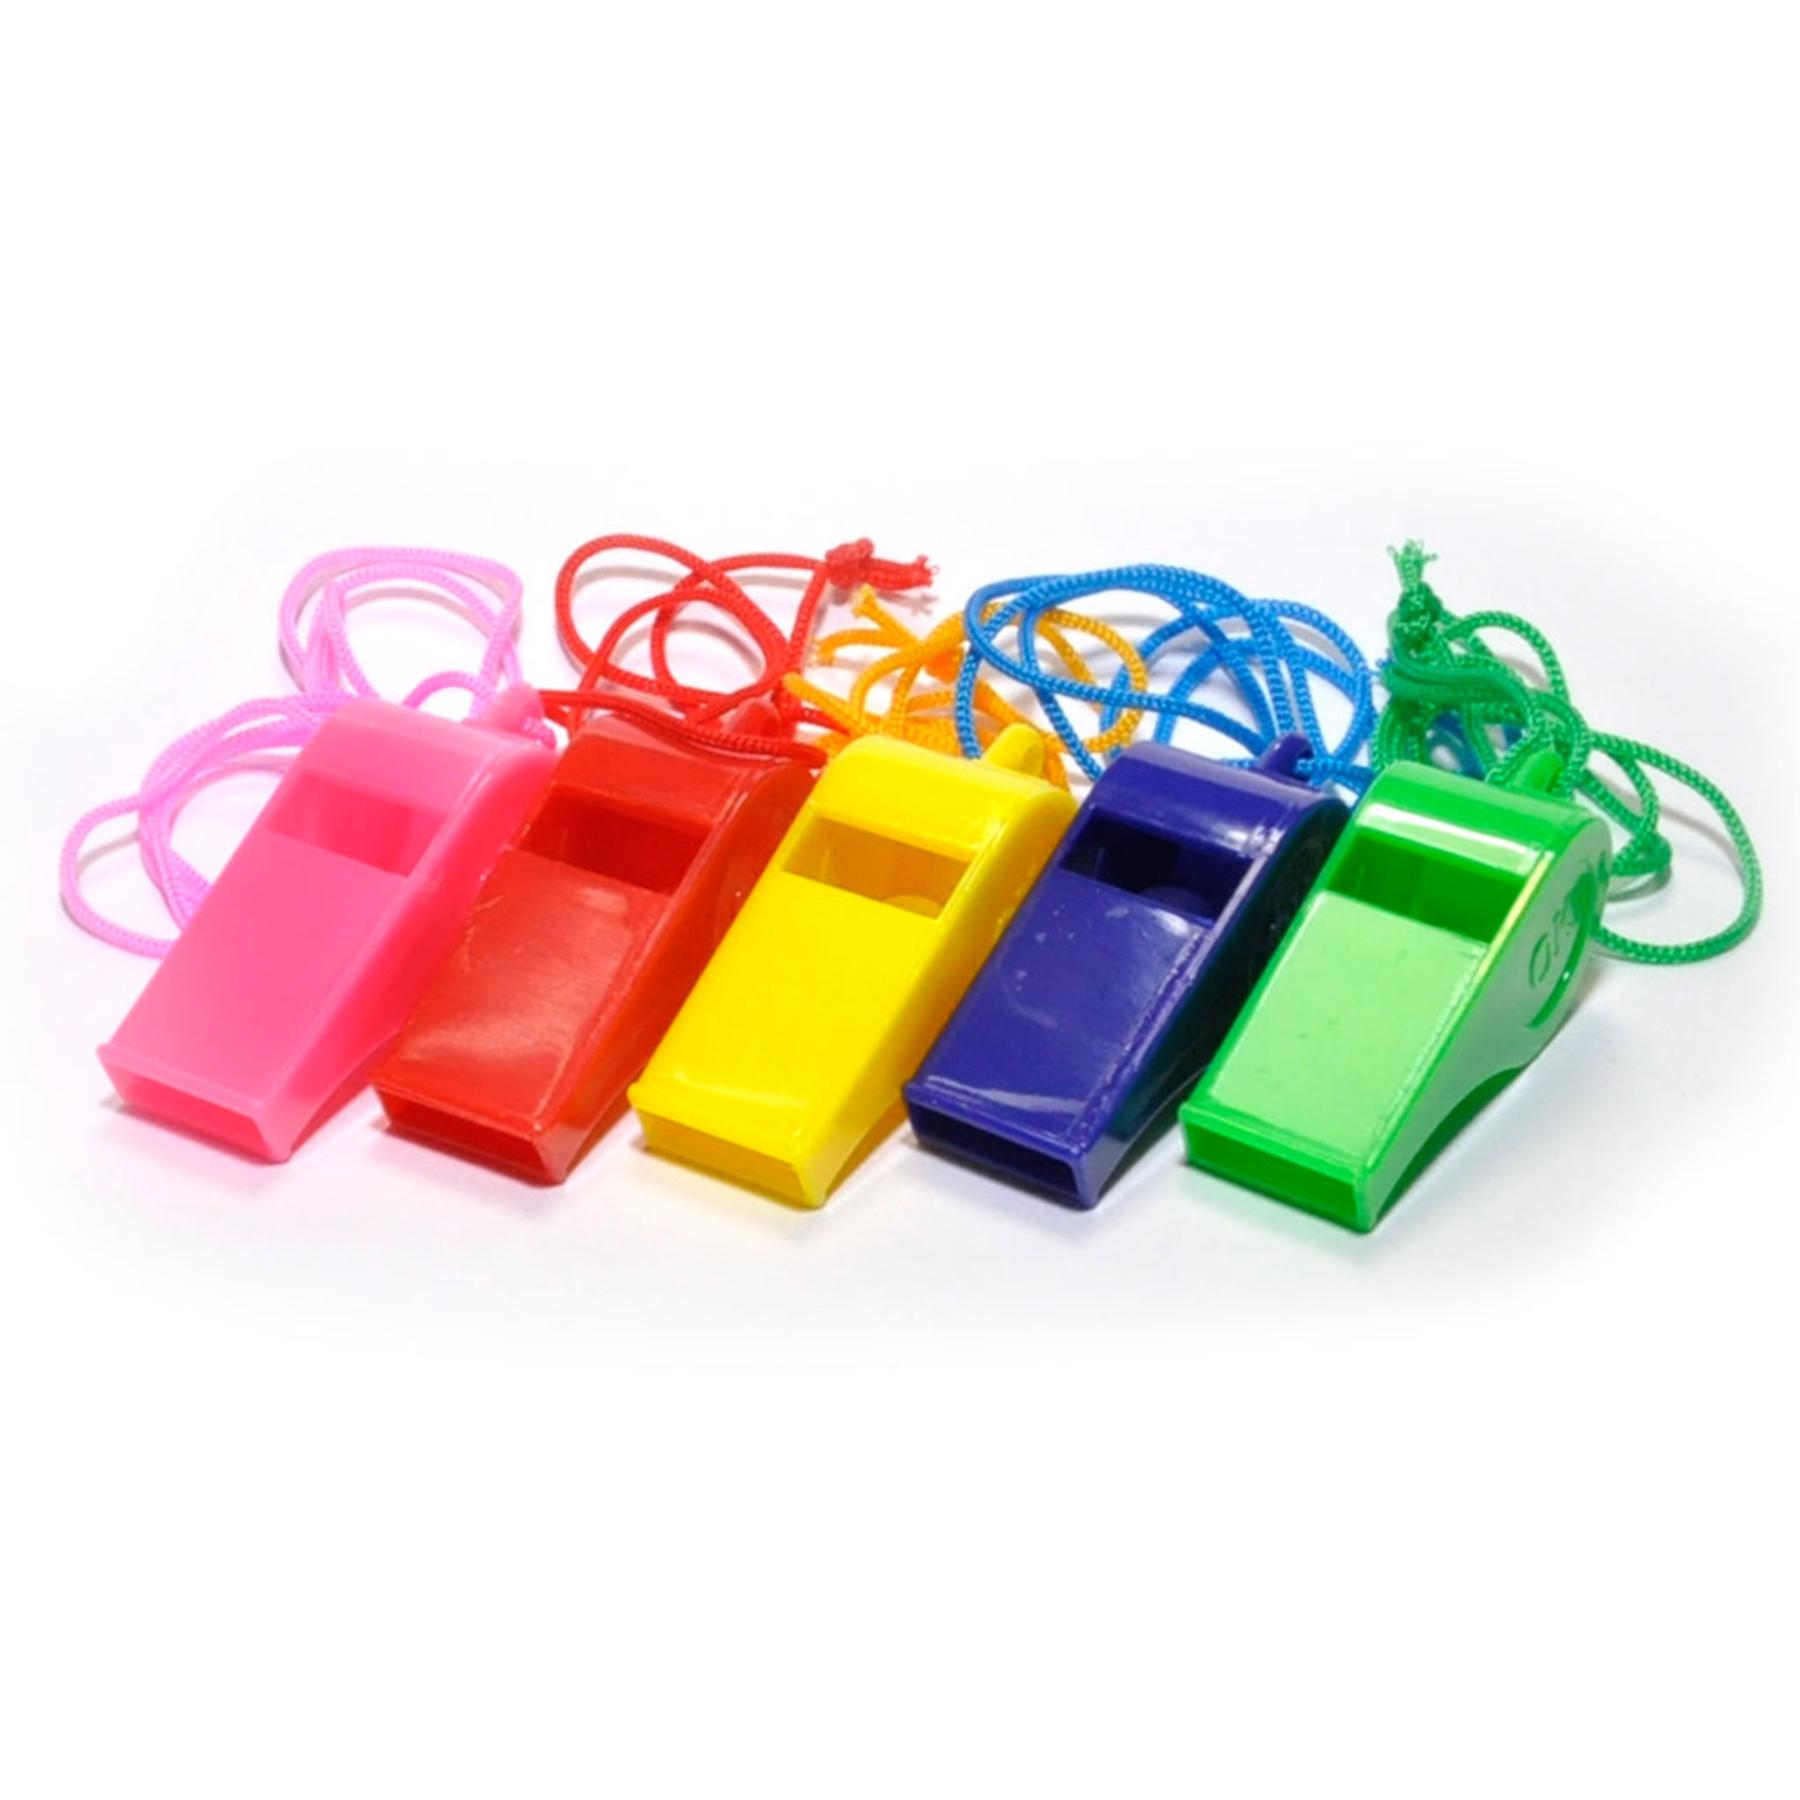 Свисток пластмассовый цветной со шнурком  19040